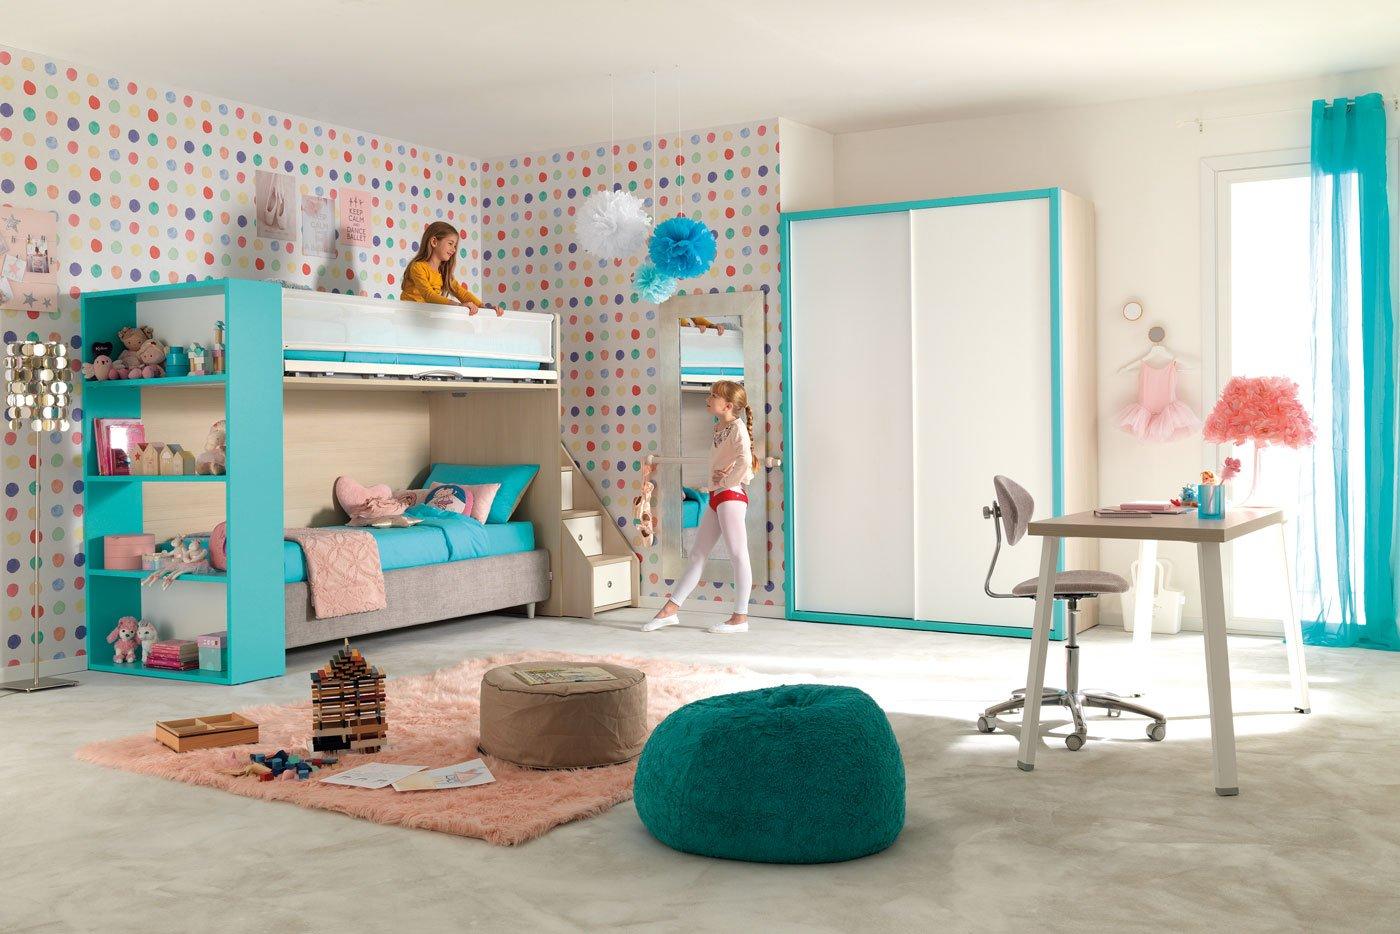 Camera ragazzi: scopri la qualità Moretti Compact - Cose di Casa